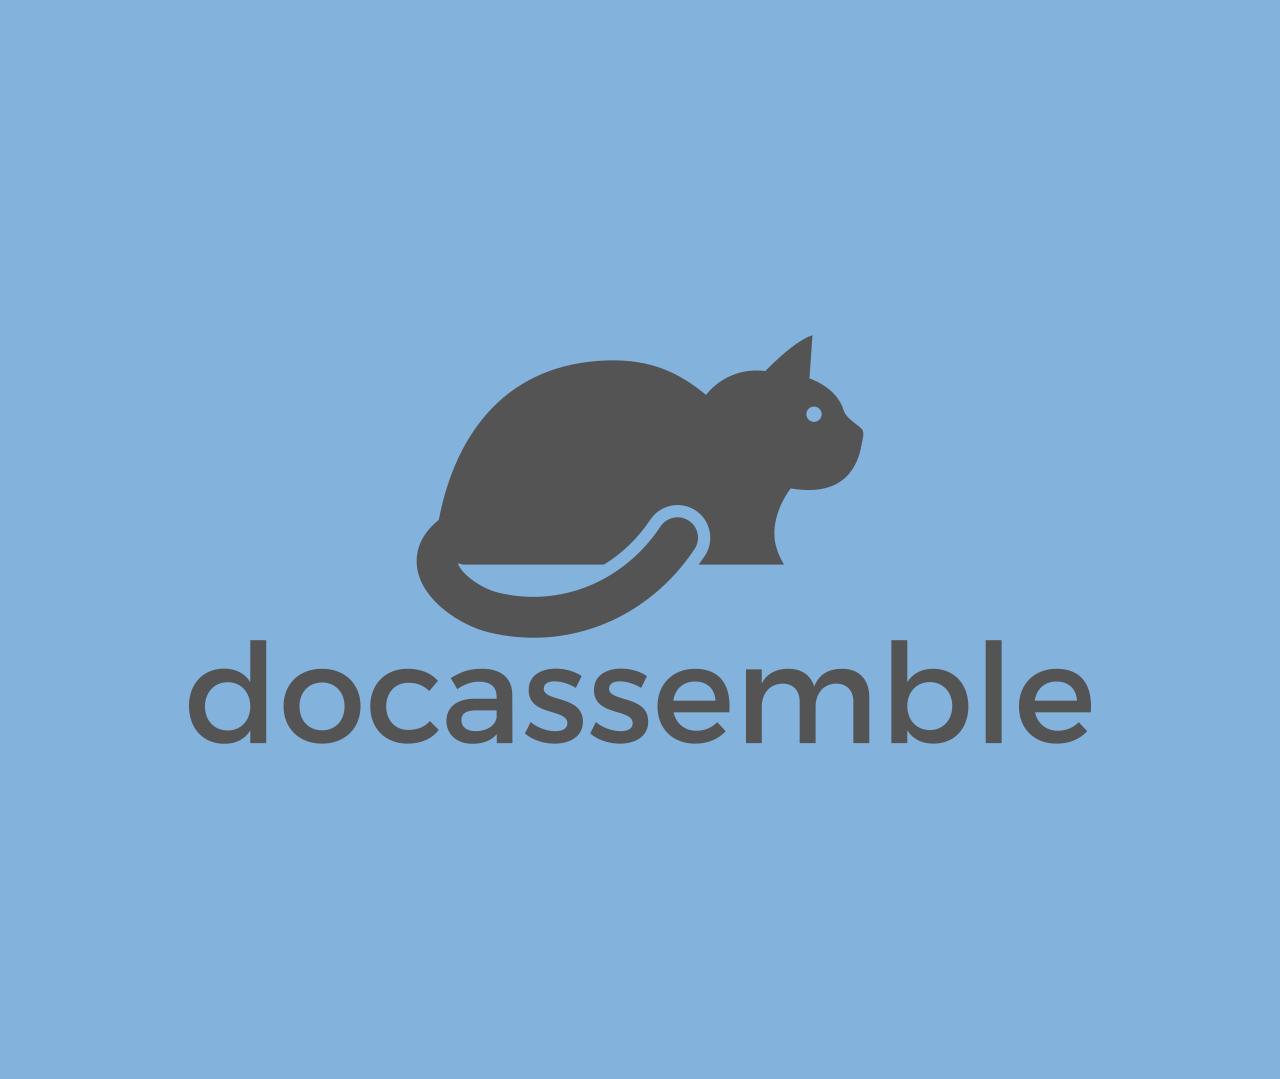 DocAssemble.jpg